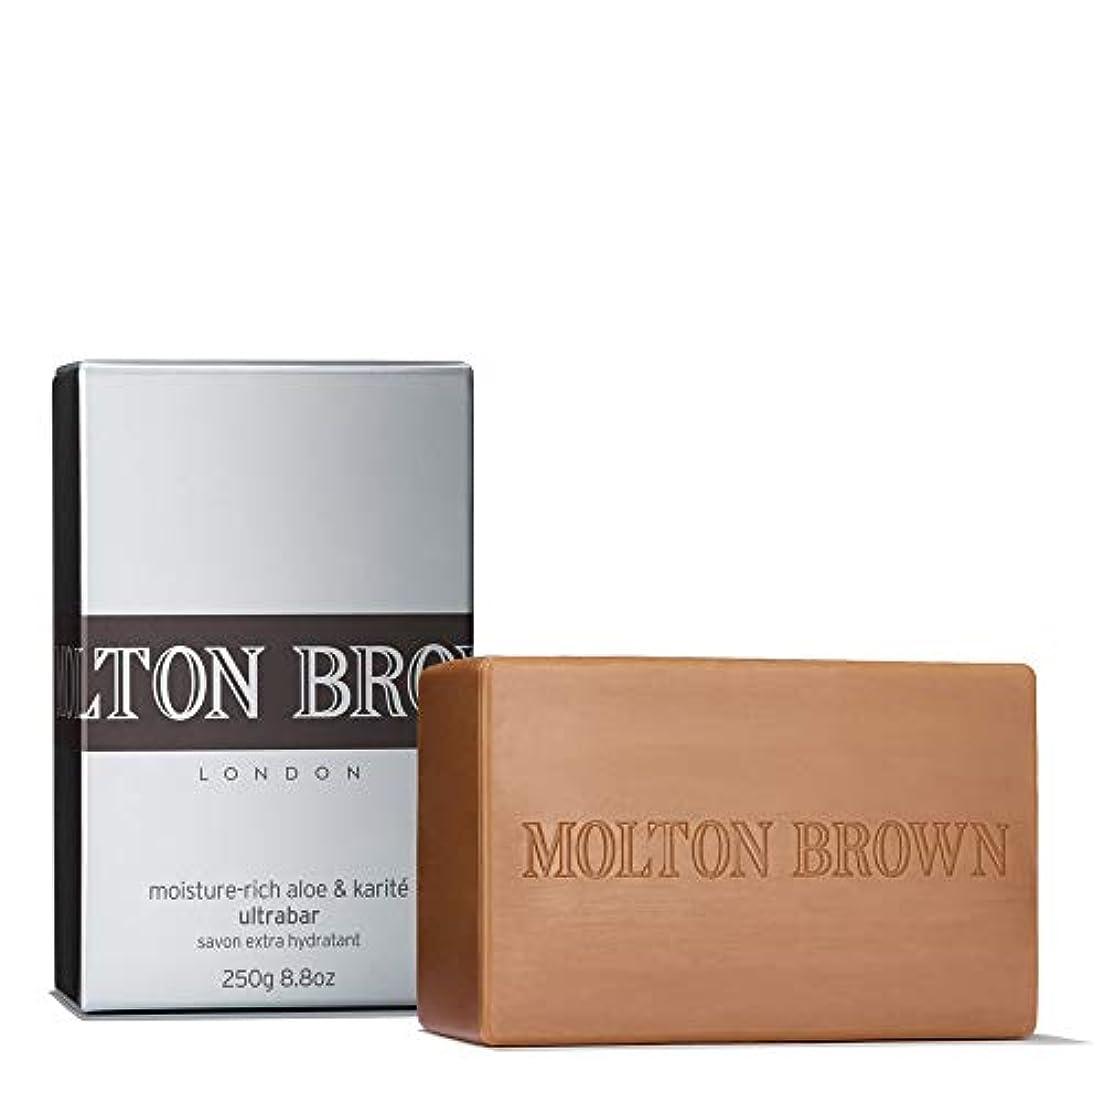 MOLTON BROWN(モルトンブラウン) モイスチャーリッチ アロエ&カリテ ウルトラバー